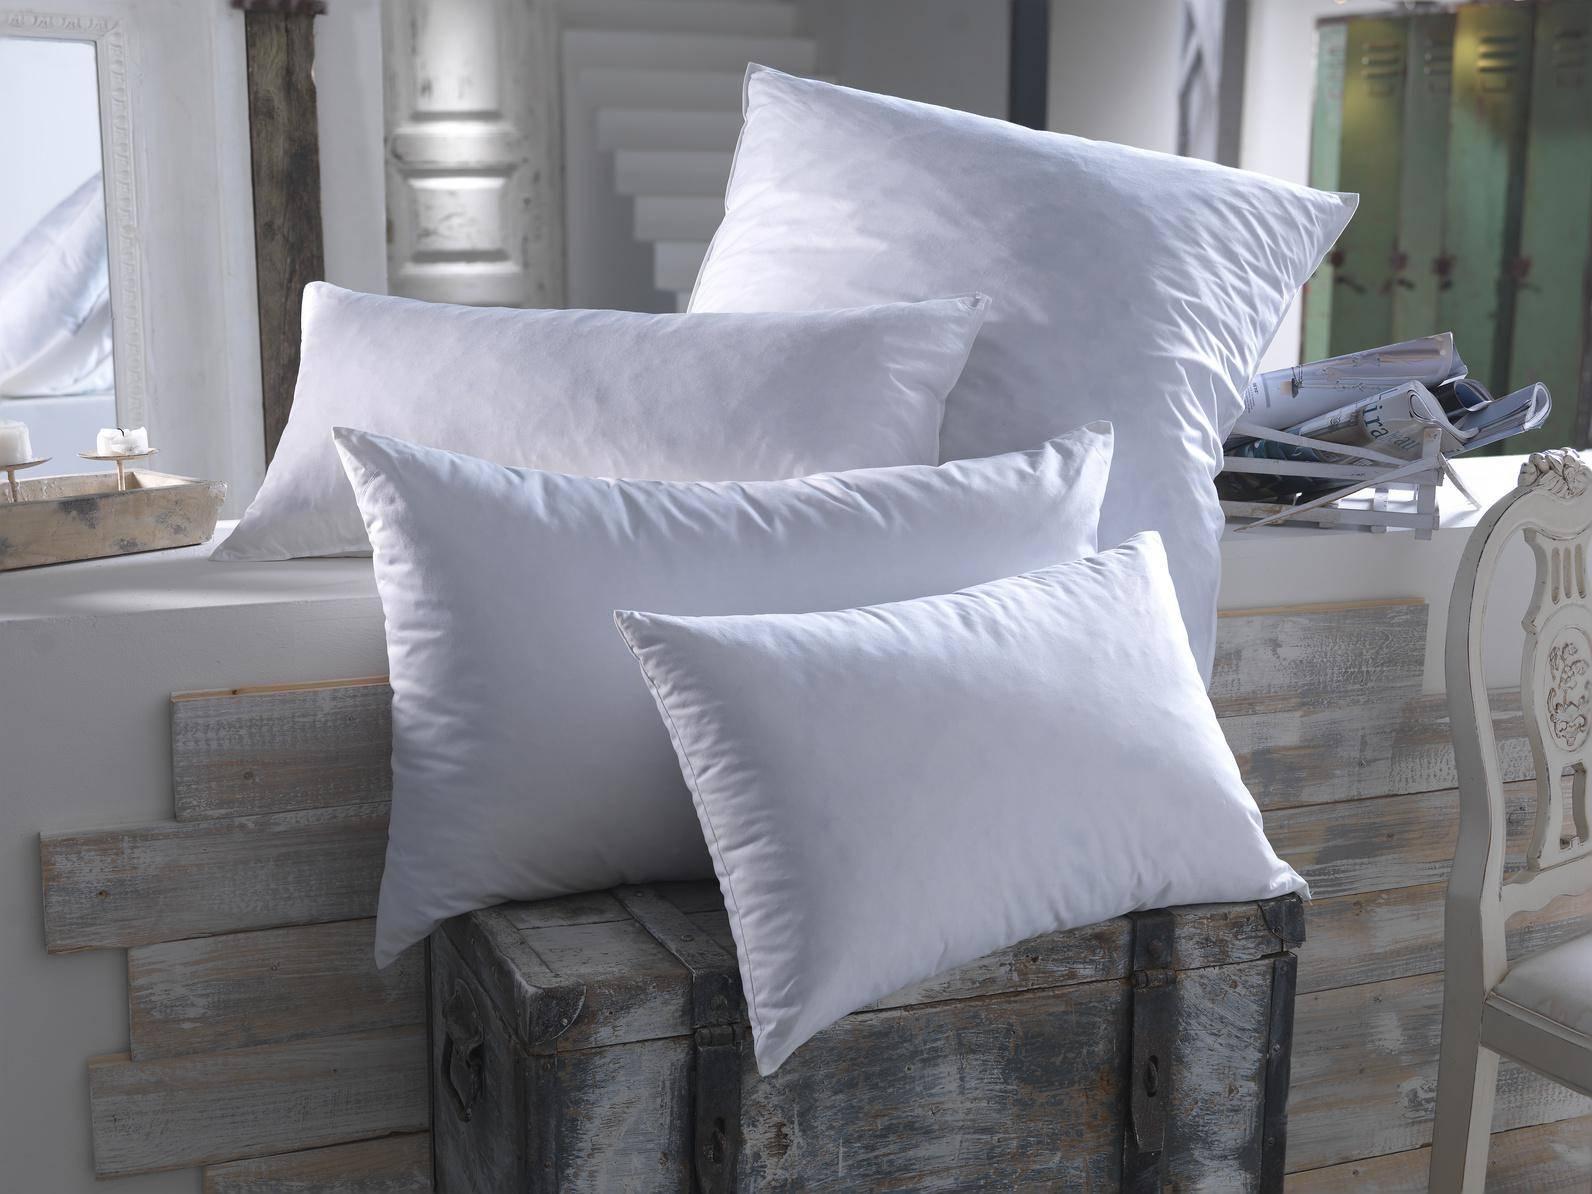 taille et la forme de son oreiller